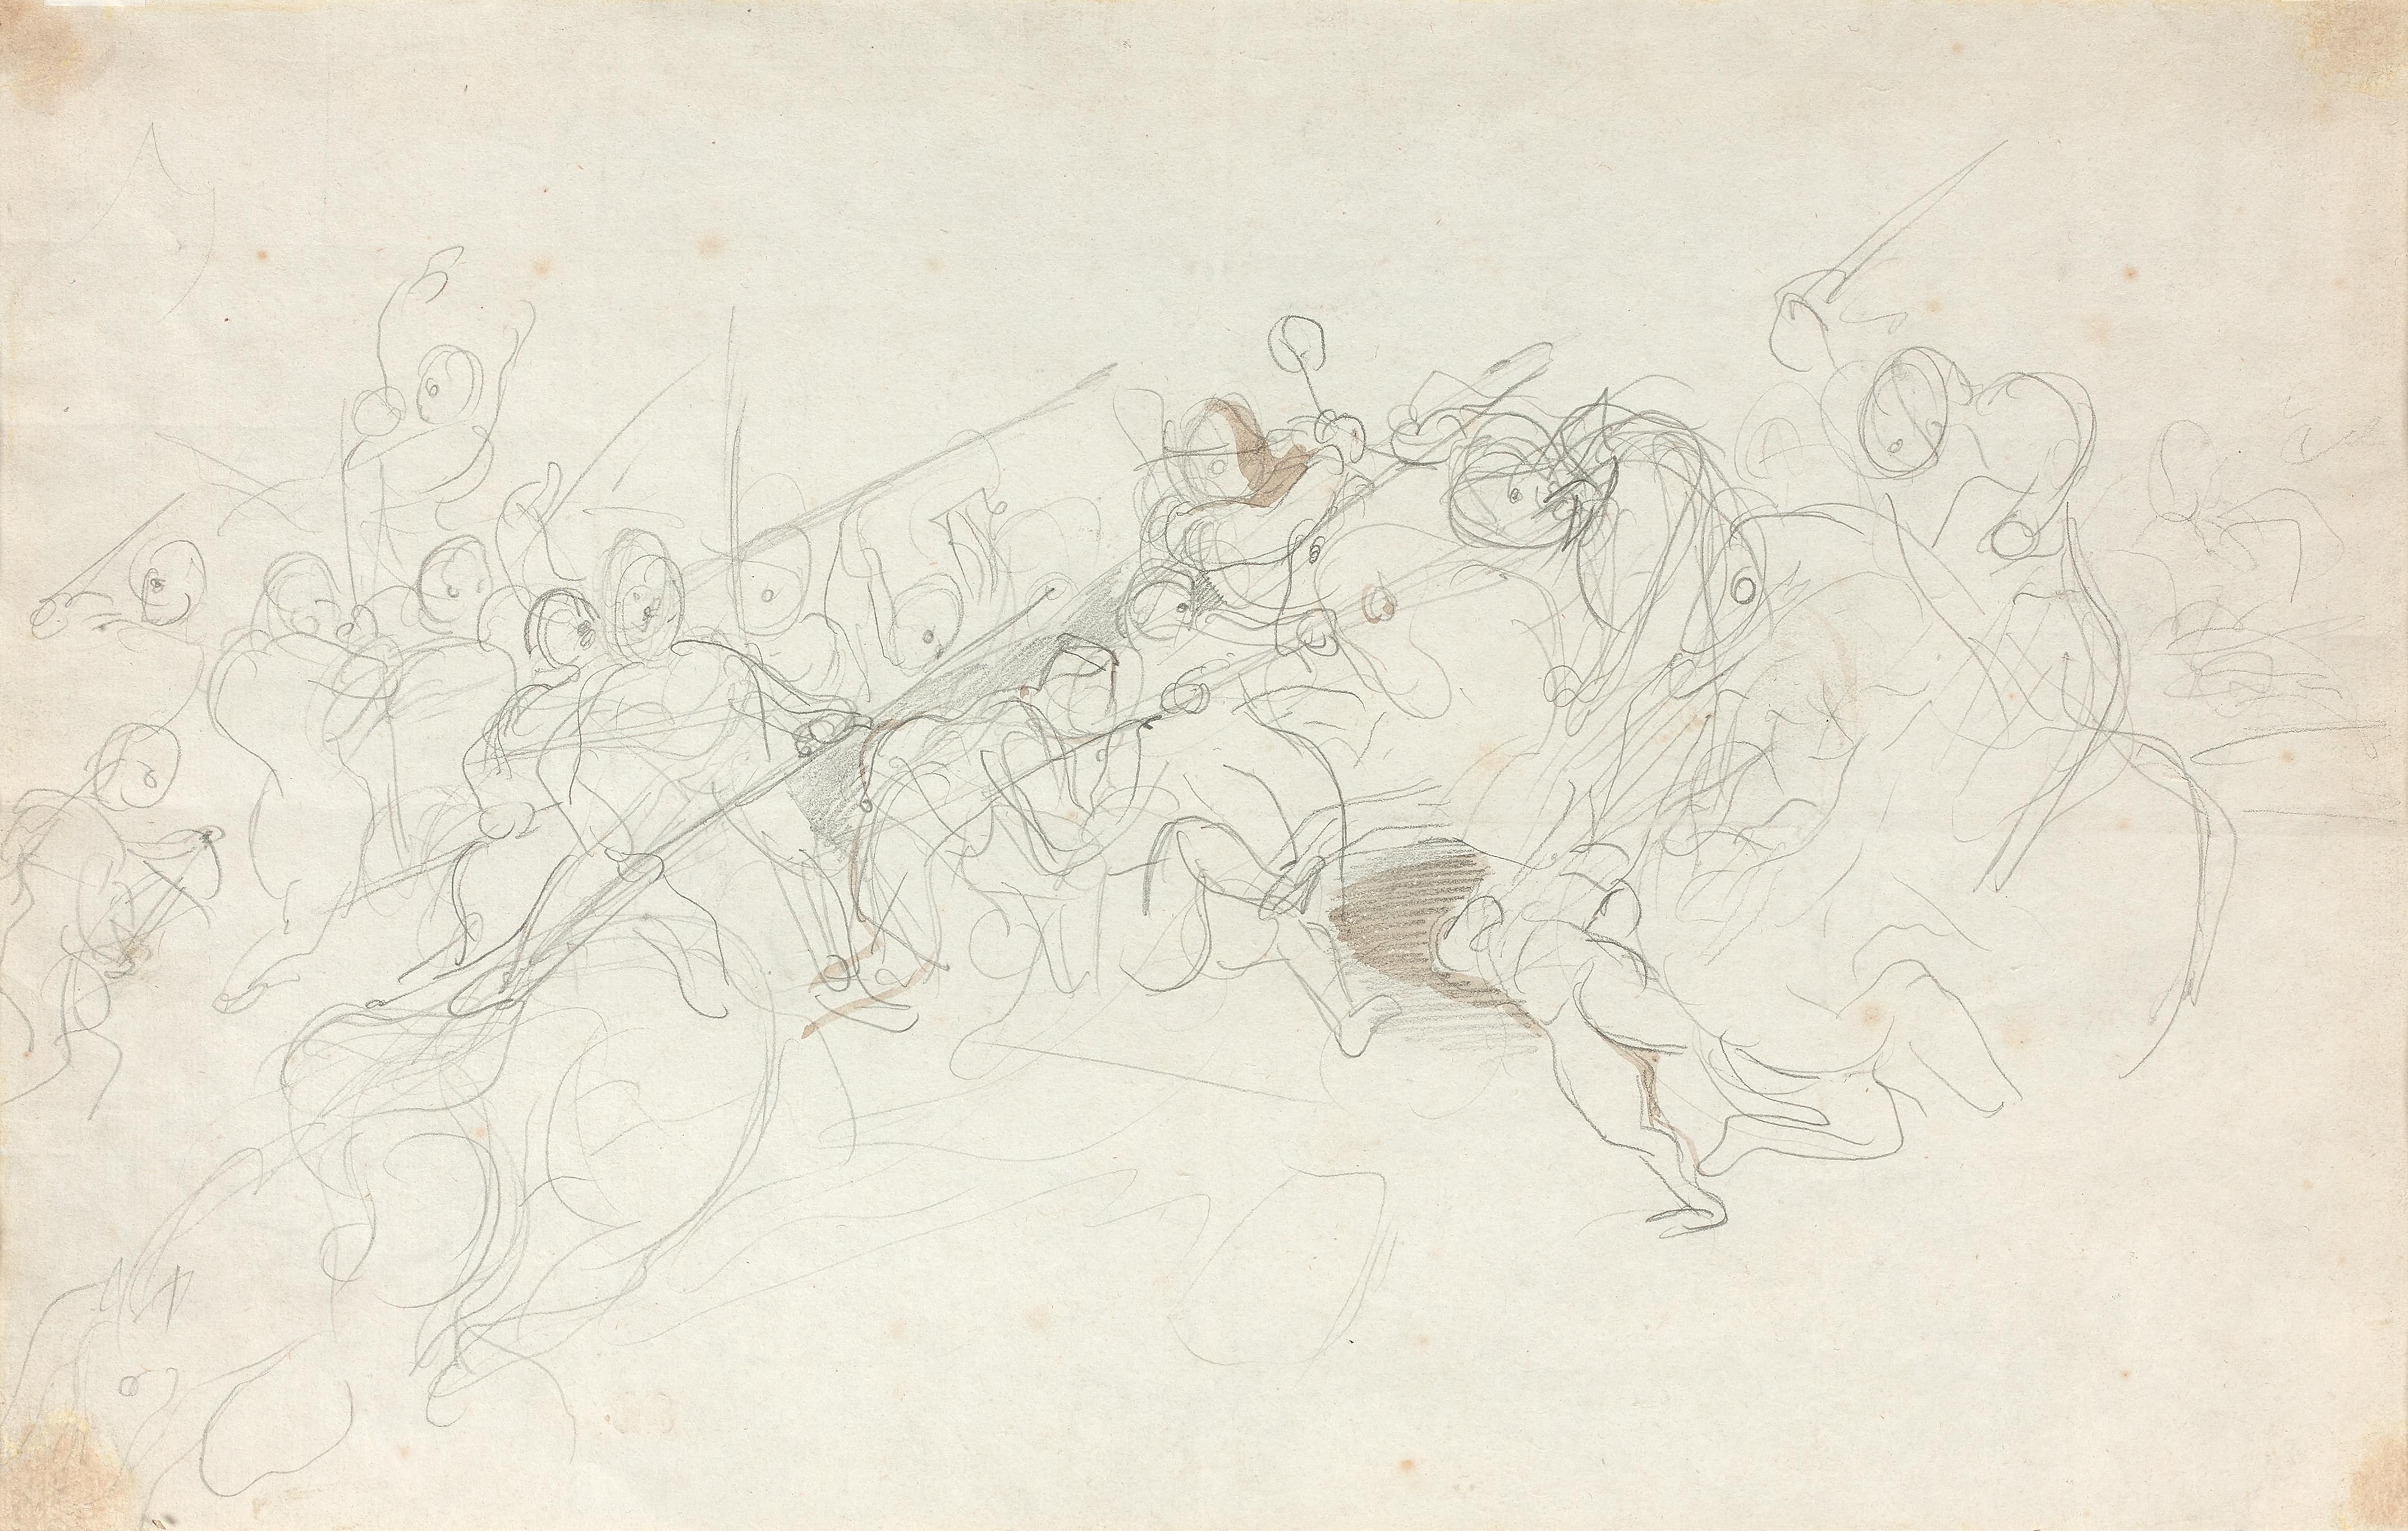 Scène de bataille, étude préparatoire pour La Bataille de Nancy (Recto)